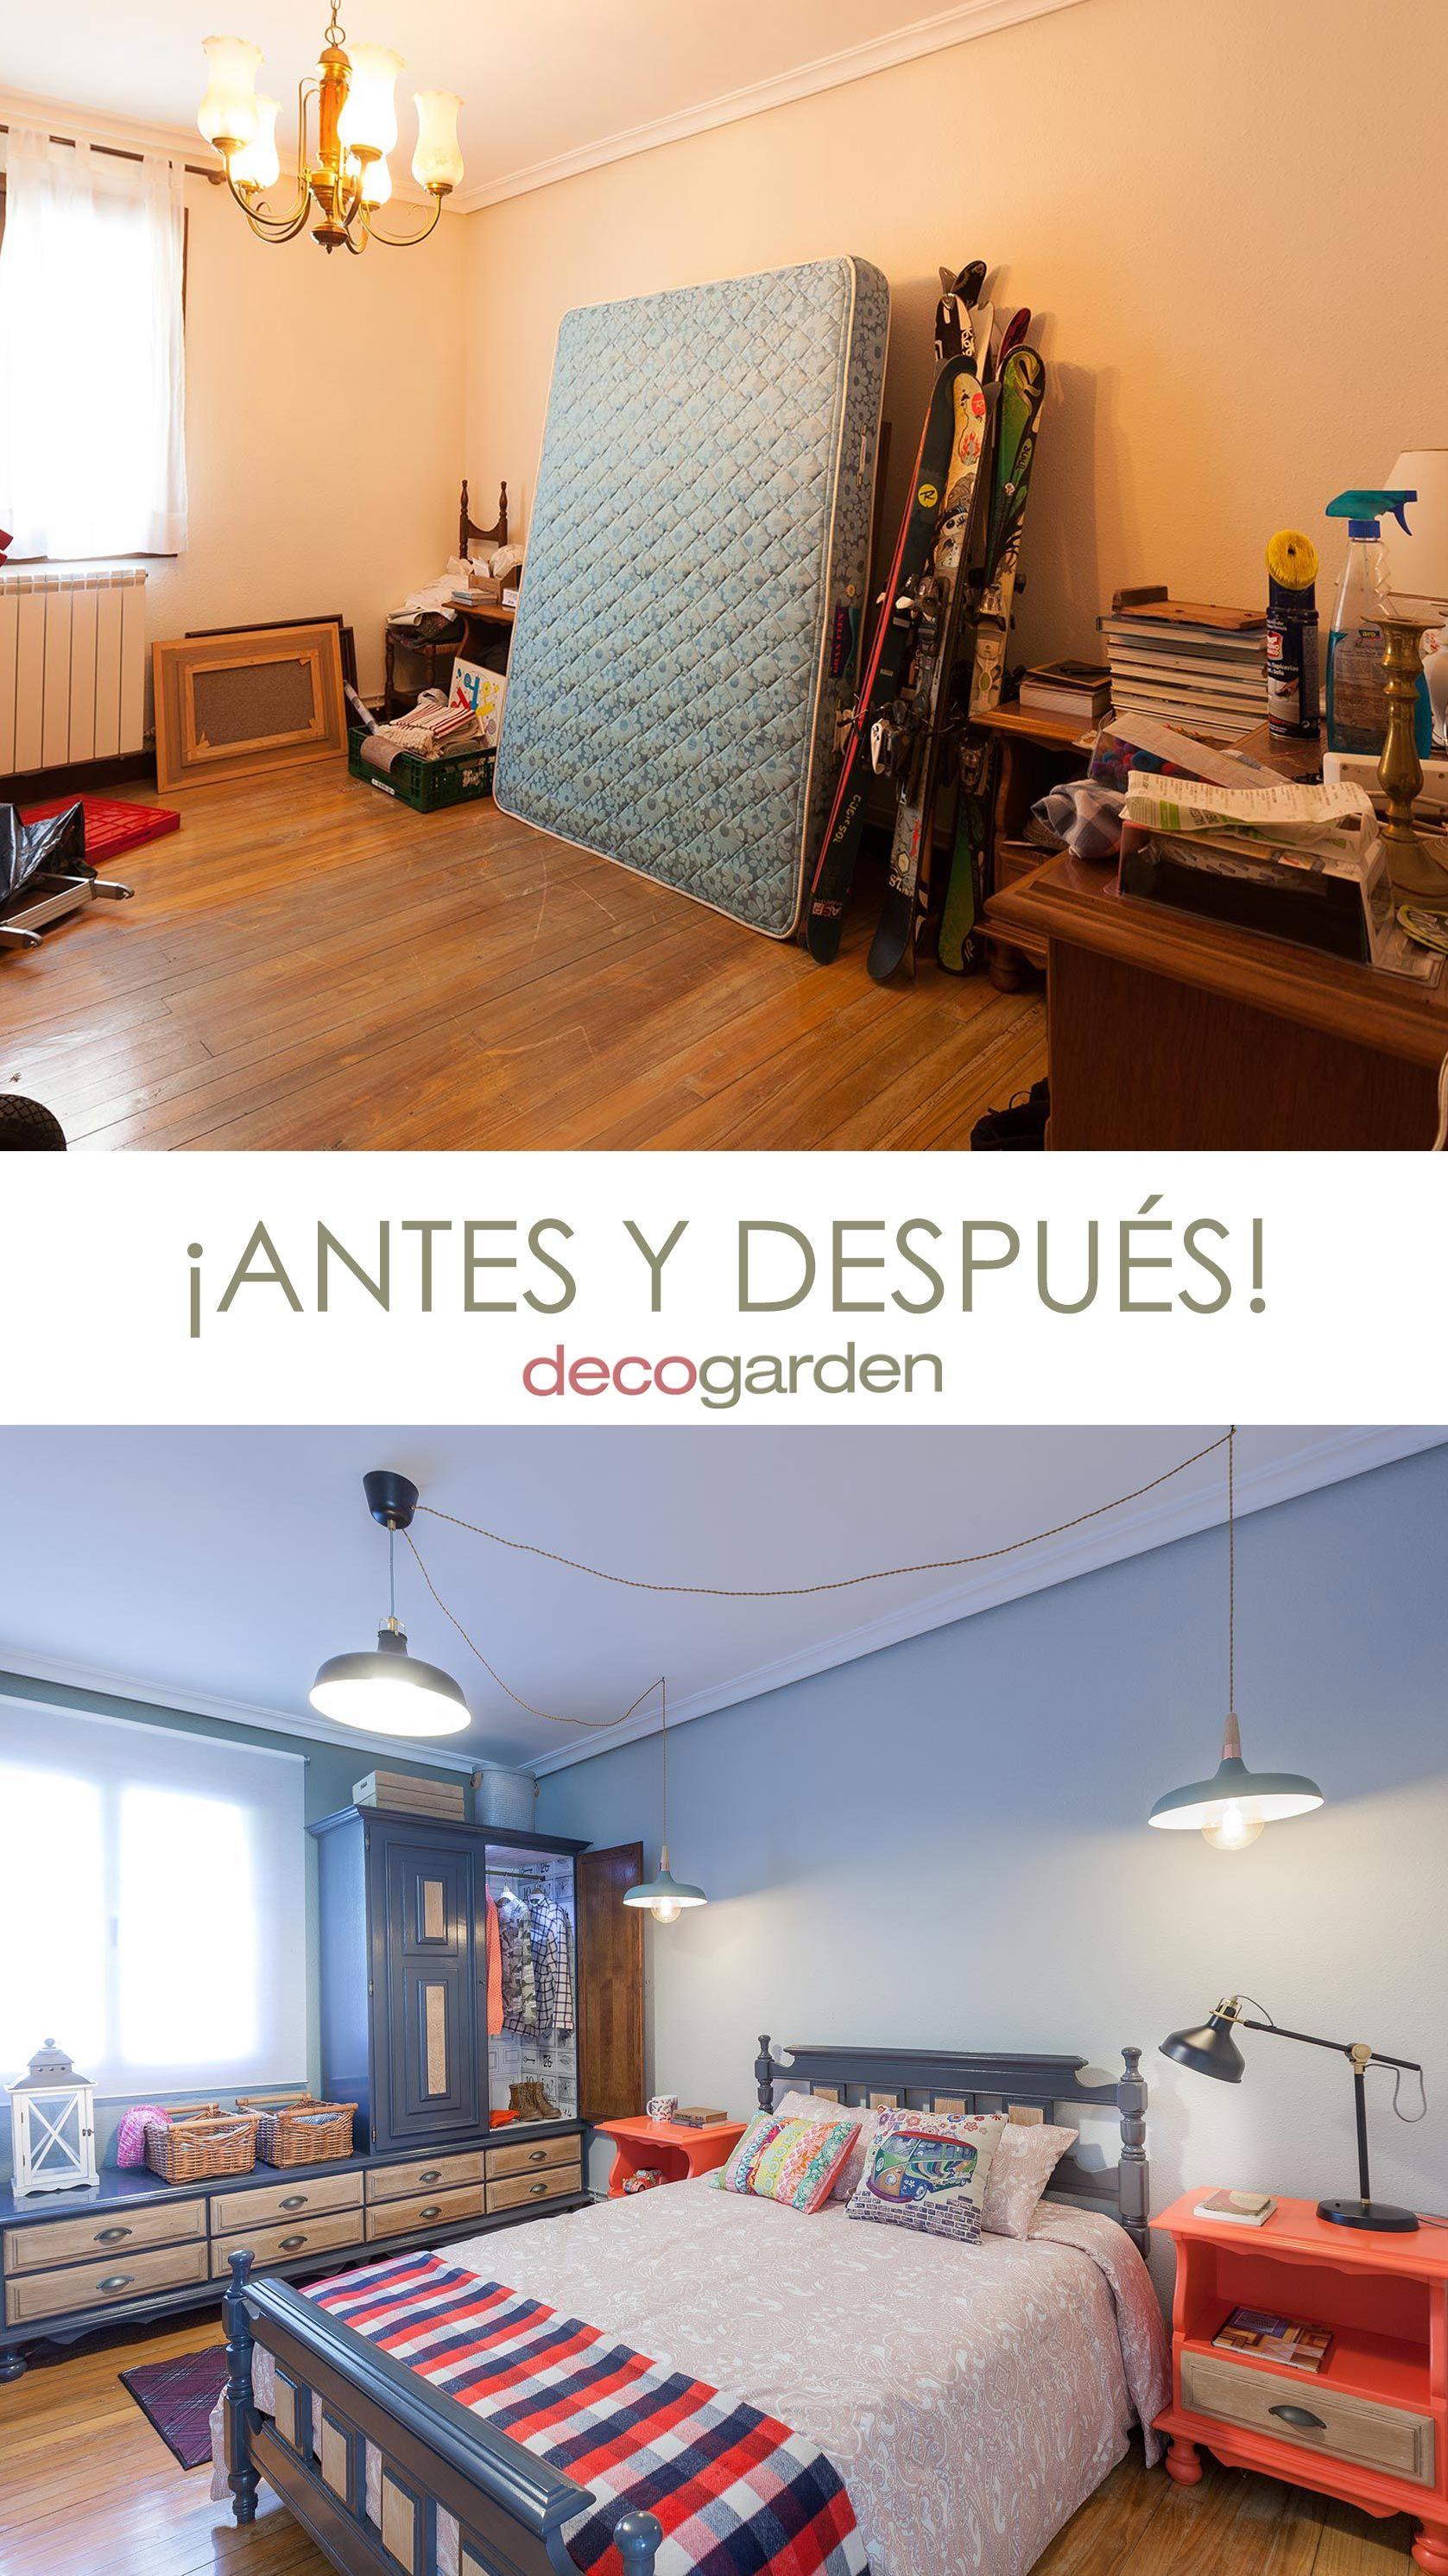 Decorar dormitorio juvenil industrial con muebles reciclados - antes y después